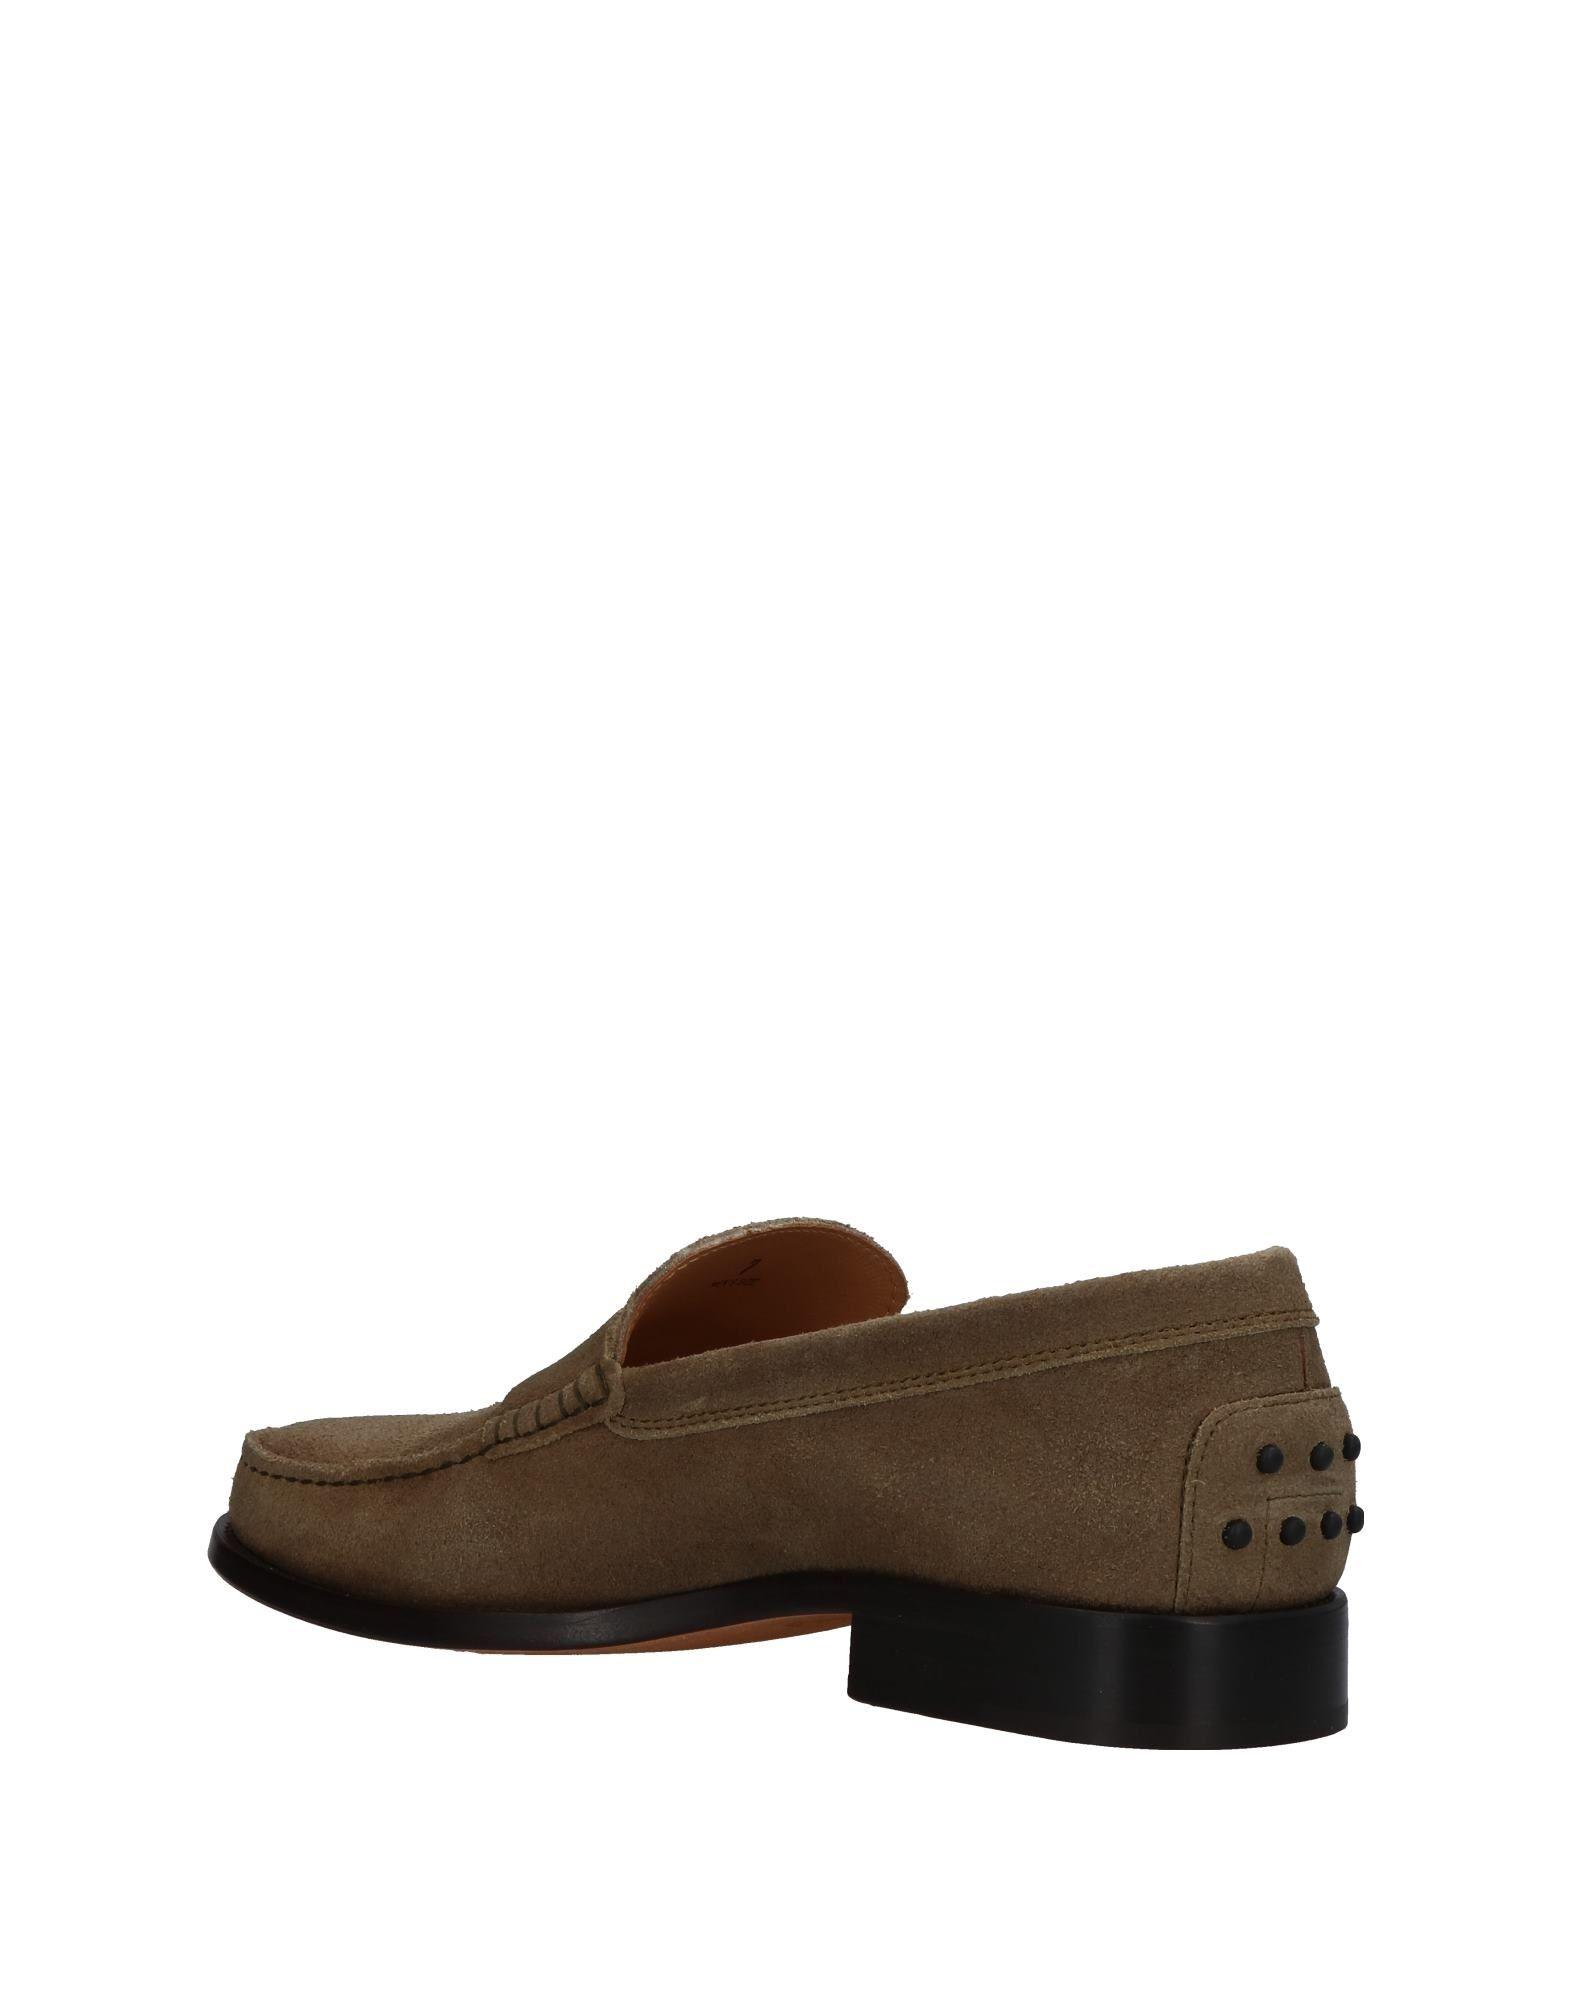 Tod's Mokassins Gute Herren  11411712IT Gute Mokassins Qualität beliebte Schuhe e5c6ba